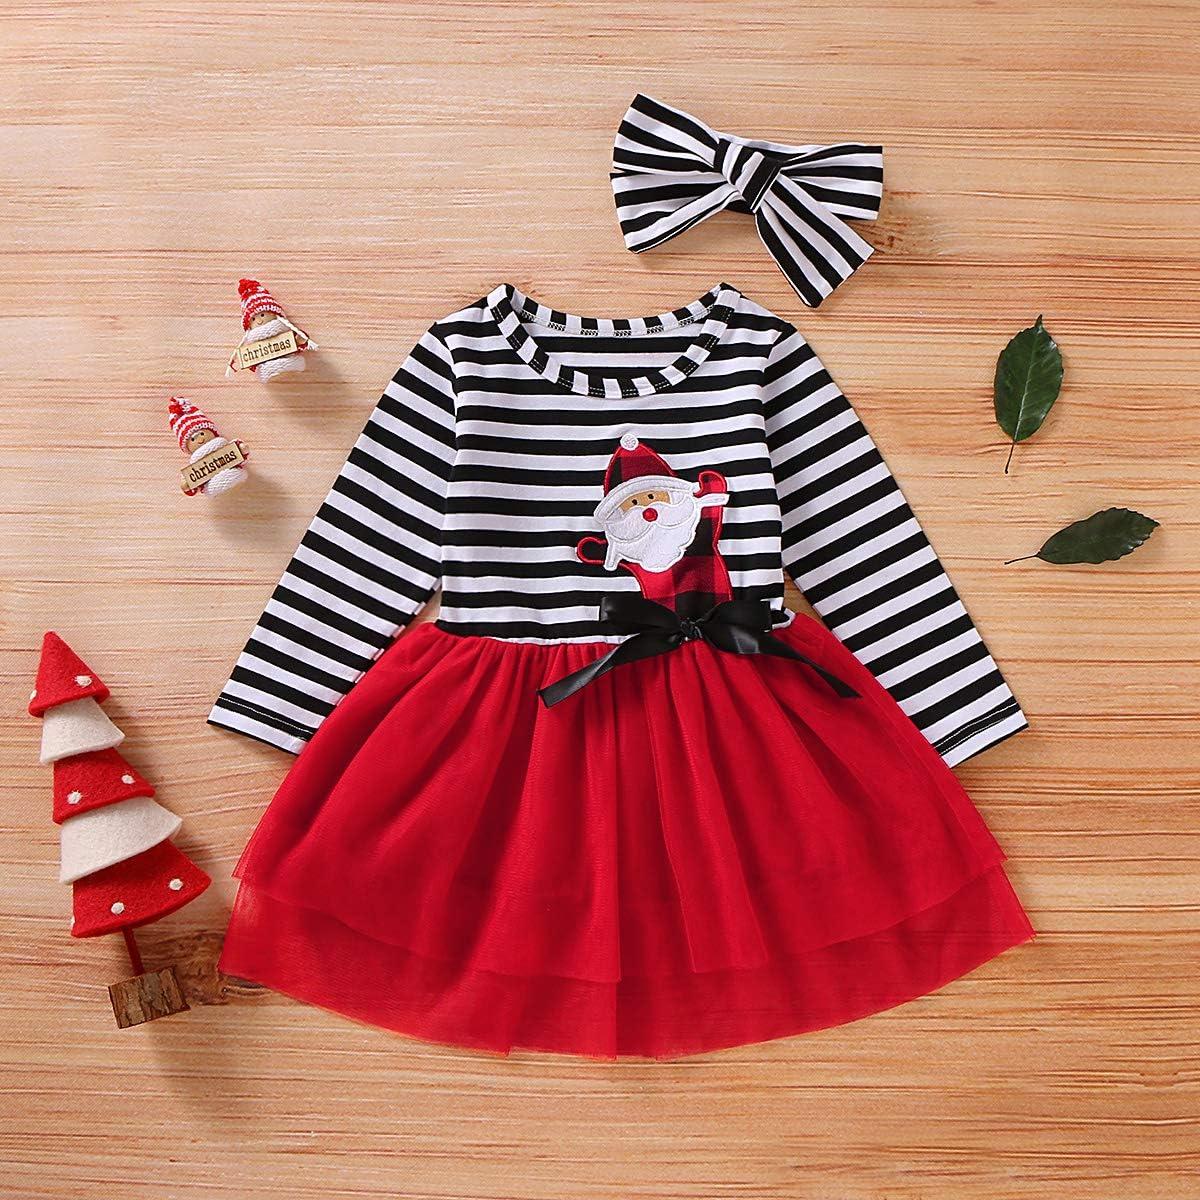 puseky Bambino Ragazze del Bambino di Ringraziamento di Natale della Banda del Vestito della Maglia Tutu Abito da Principessa con Archetto